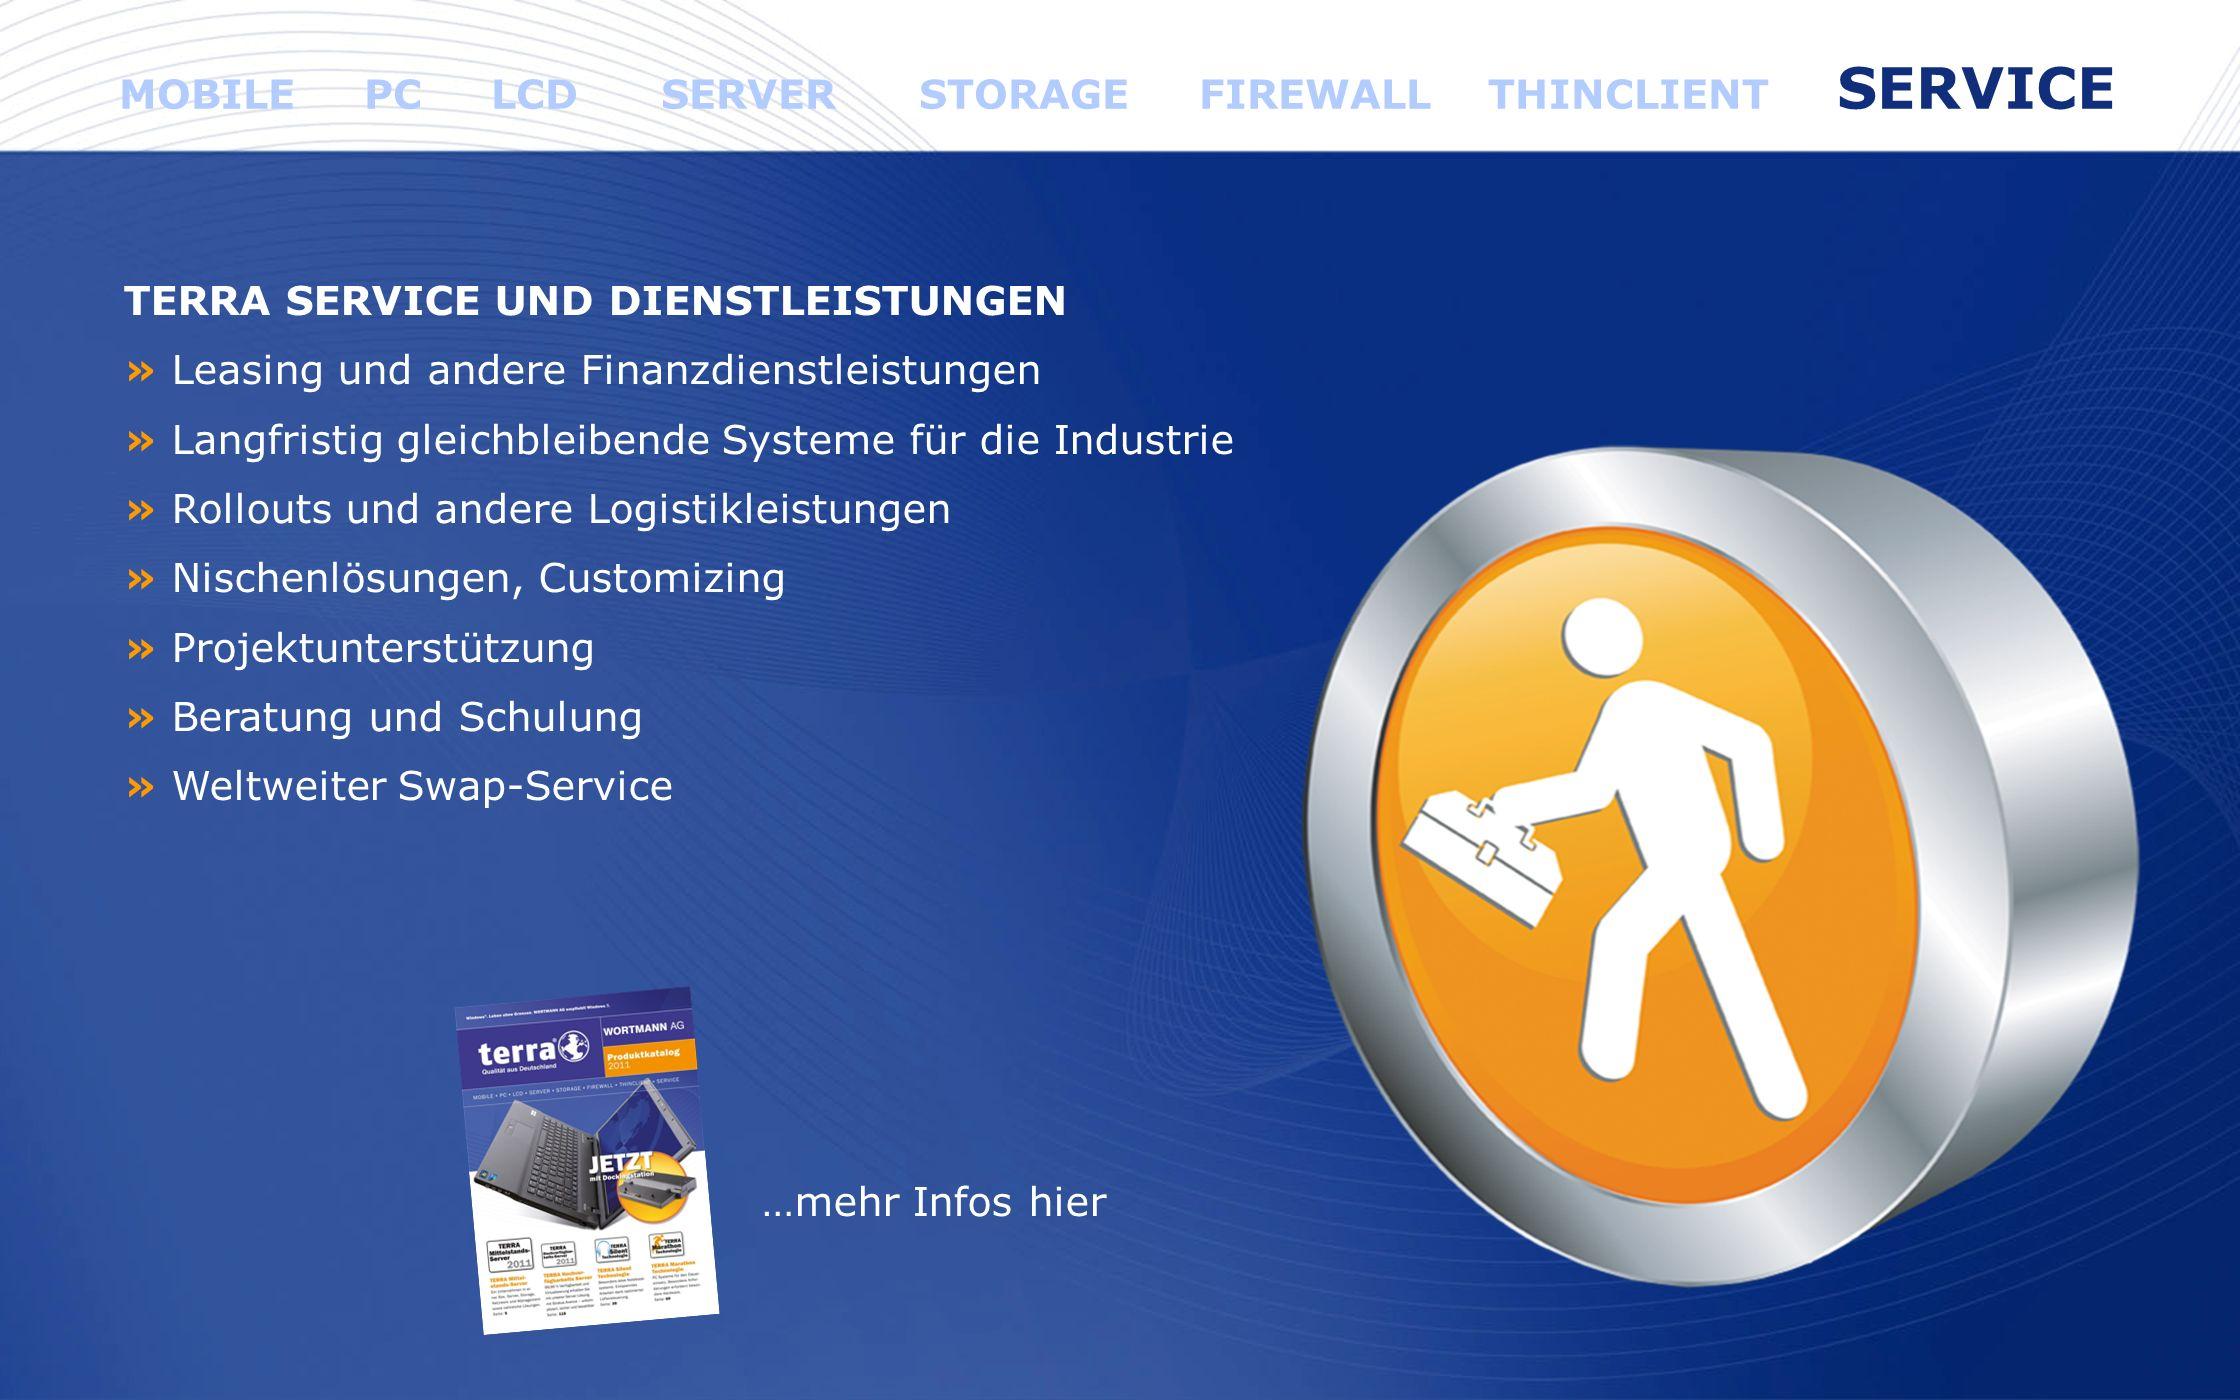 www.wortmann.de TERRA SERVICE UND DIENSTLEISTUNGEN » Leasing und andere Finanzdienstleistungen » Langfristig gleichbleibende Systeme für die Industrie